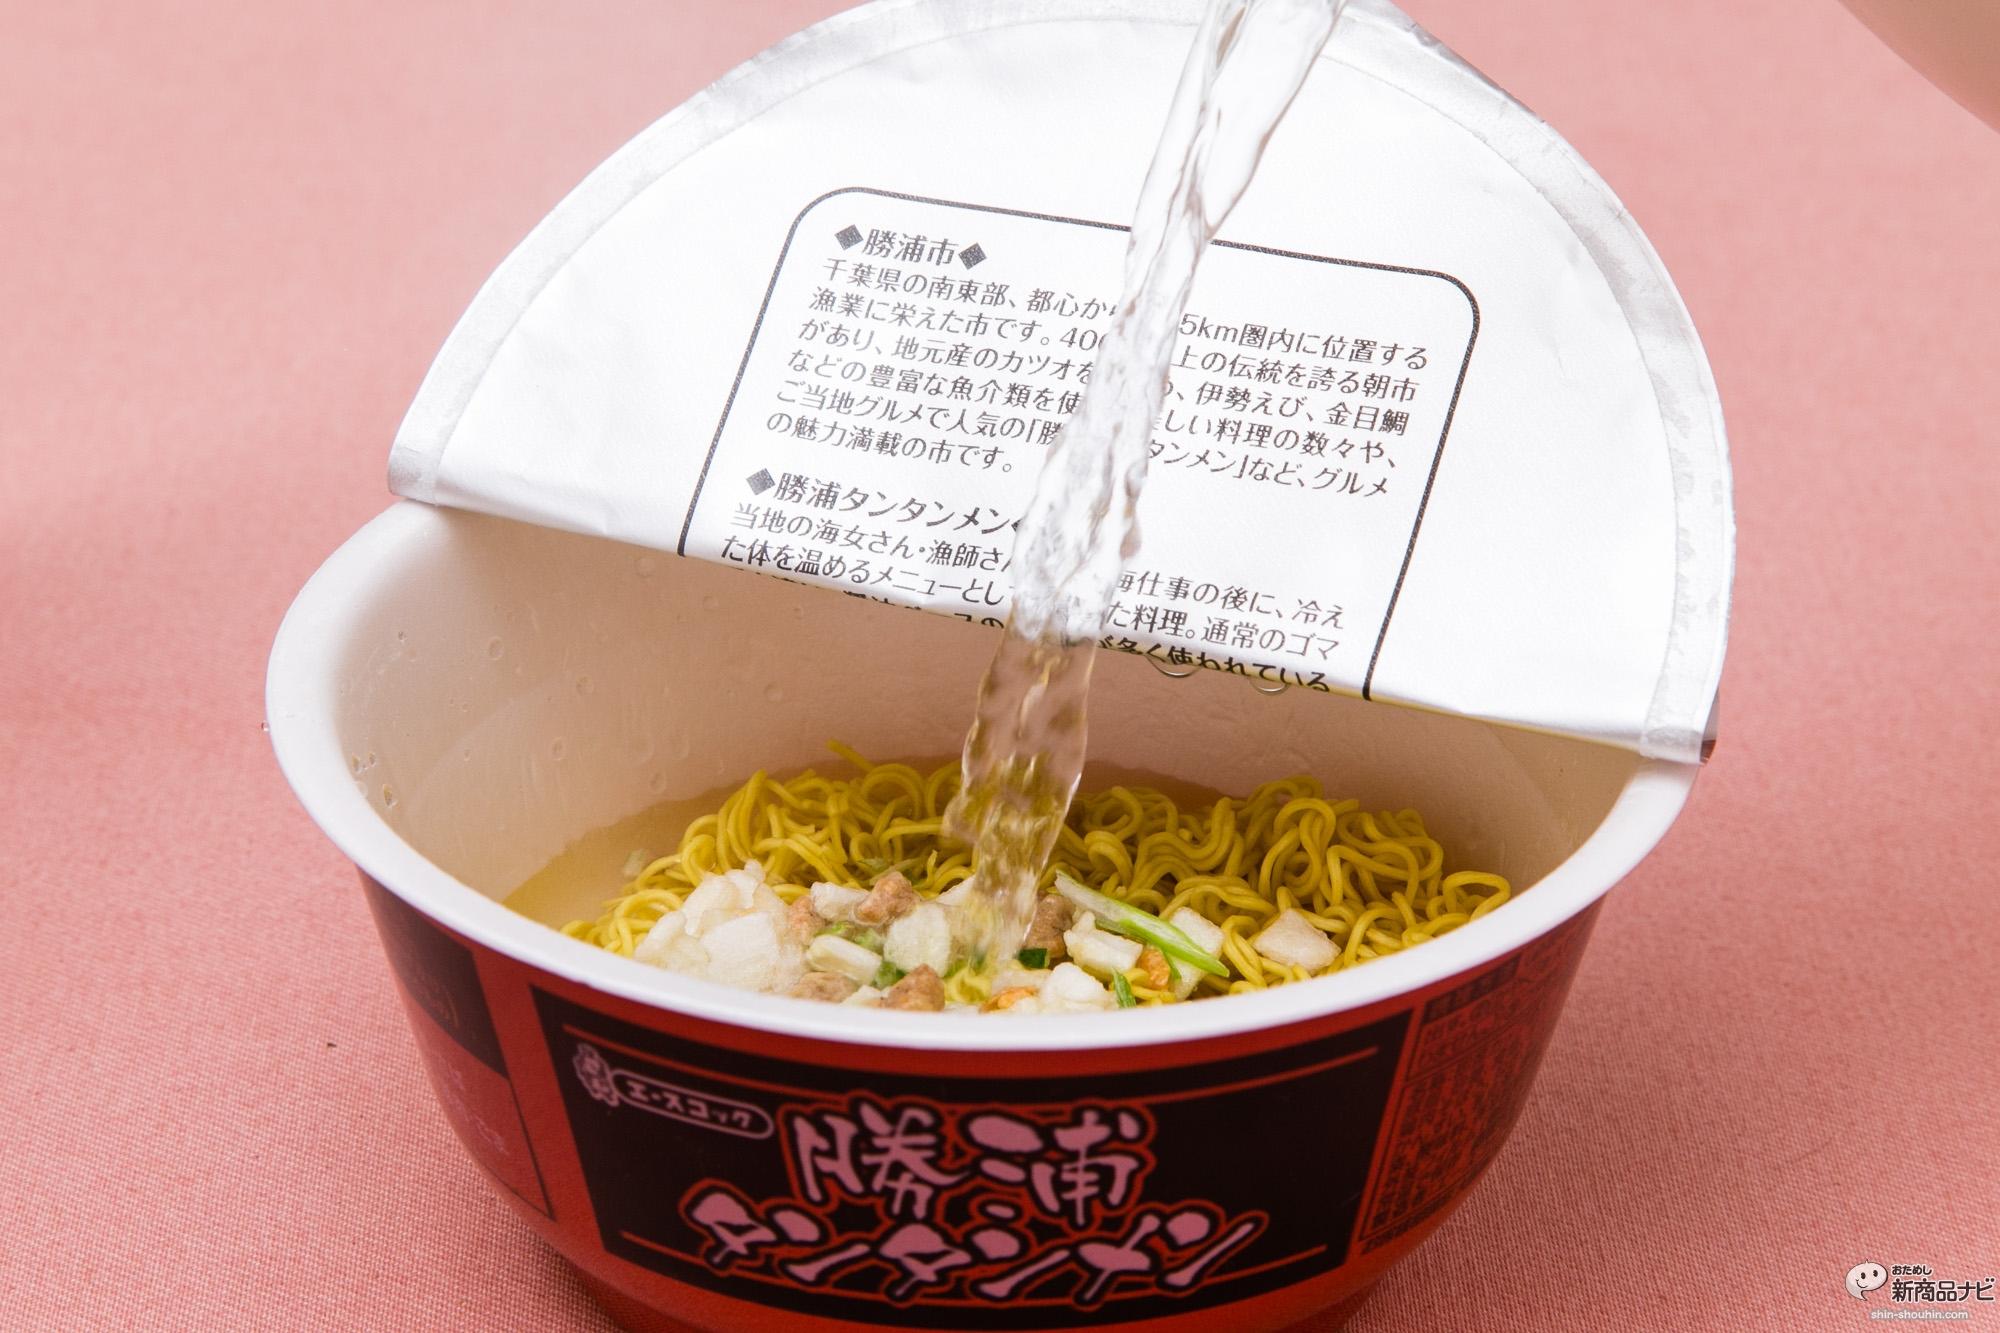 IMG_8810 ゴマ・芝麻醤無し!通常のタンタン麺とは一線を画す独自進化を遂げた『勝浦タンタン